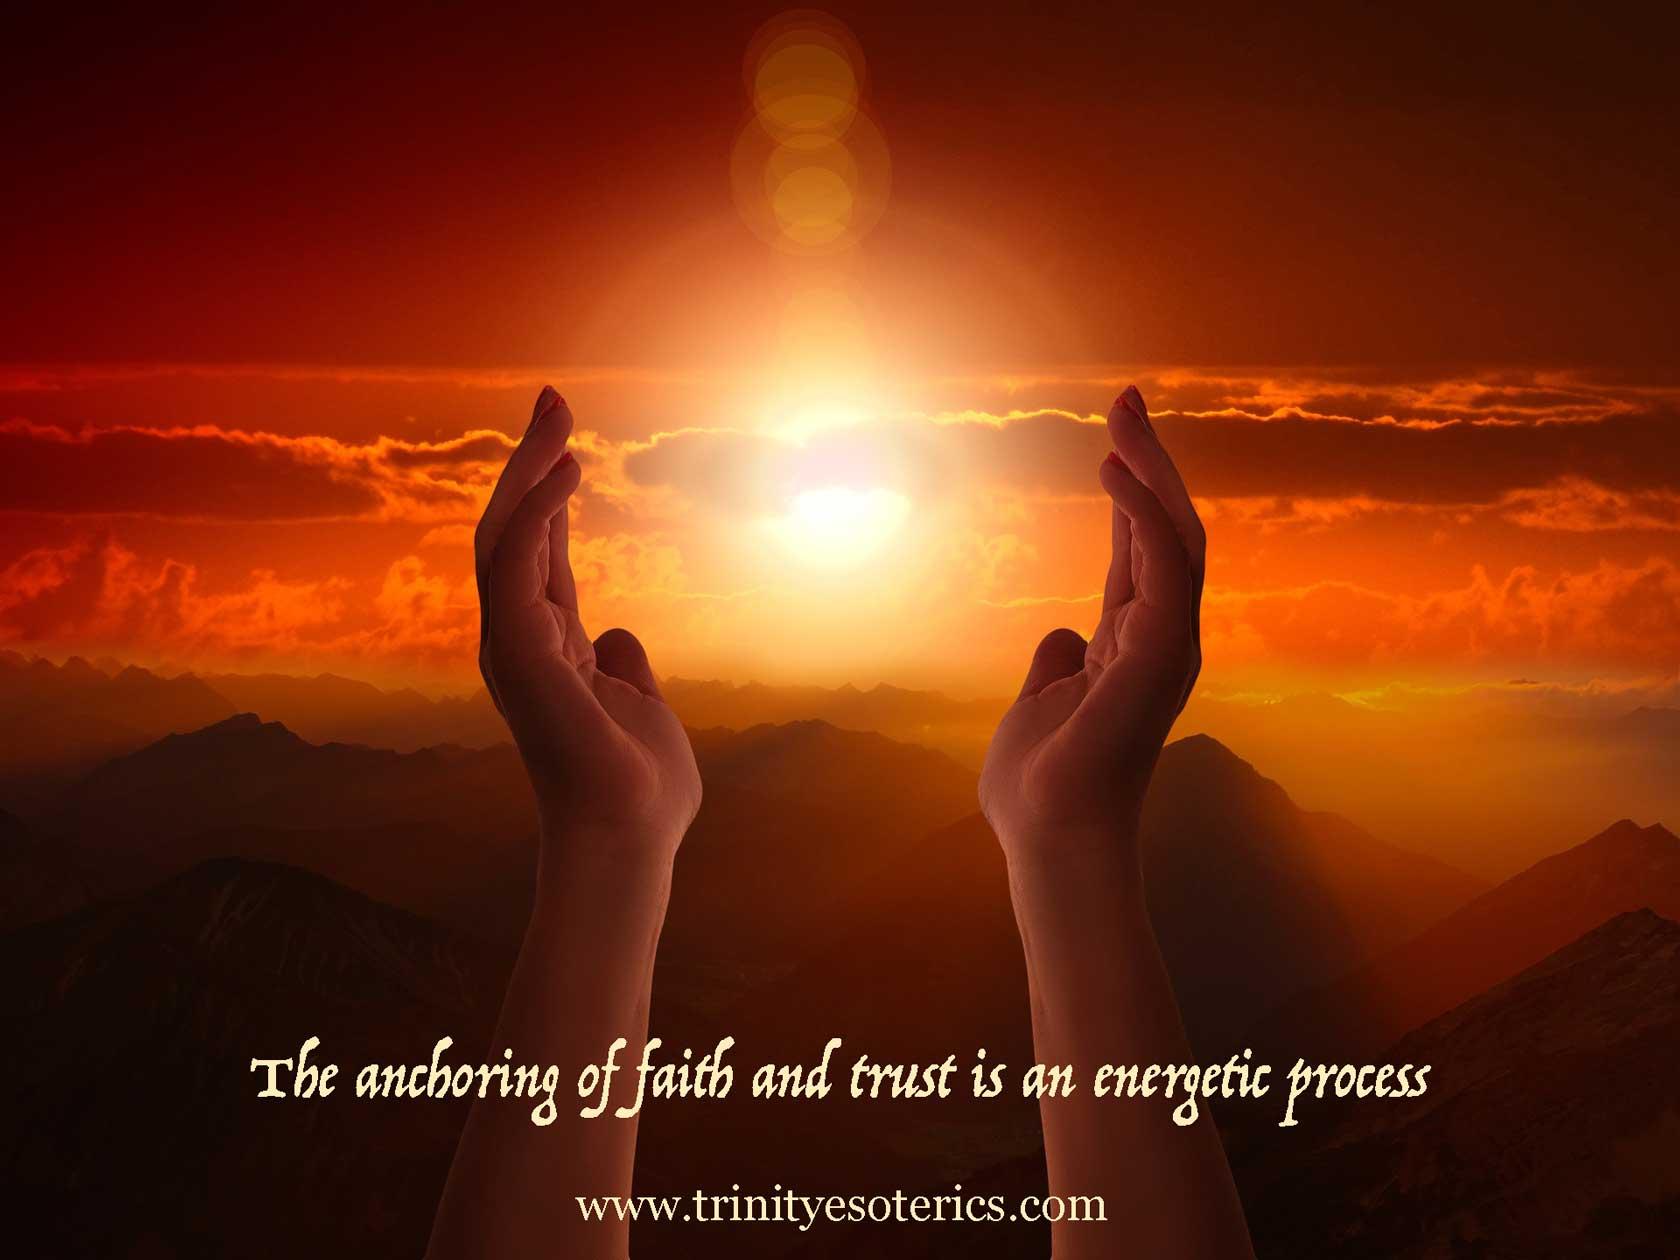 hands reaching toward light trinity esoterics